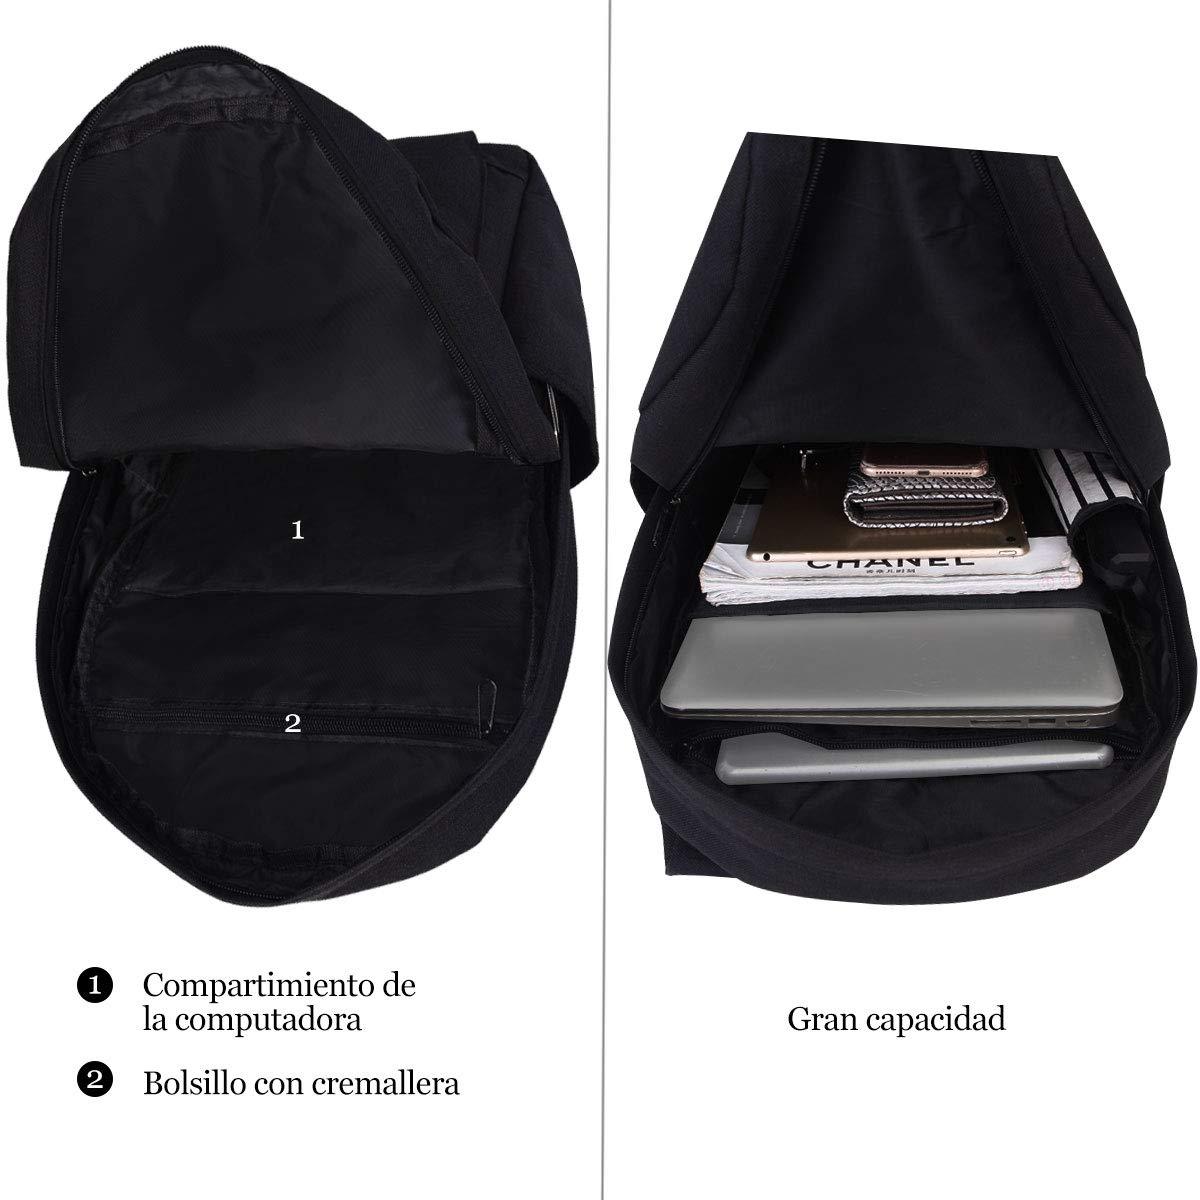 Sportlove Mochila para Port/átil 15,6 Pulgadas Negocio Backpack Escuela del Trabajo Diario Estudio para Hombre Mujer Estudiante Gris